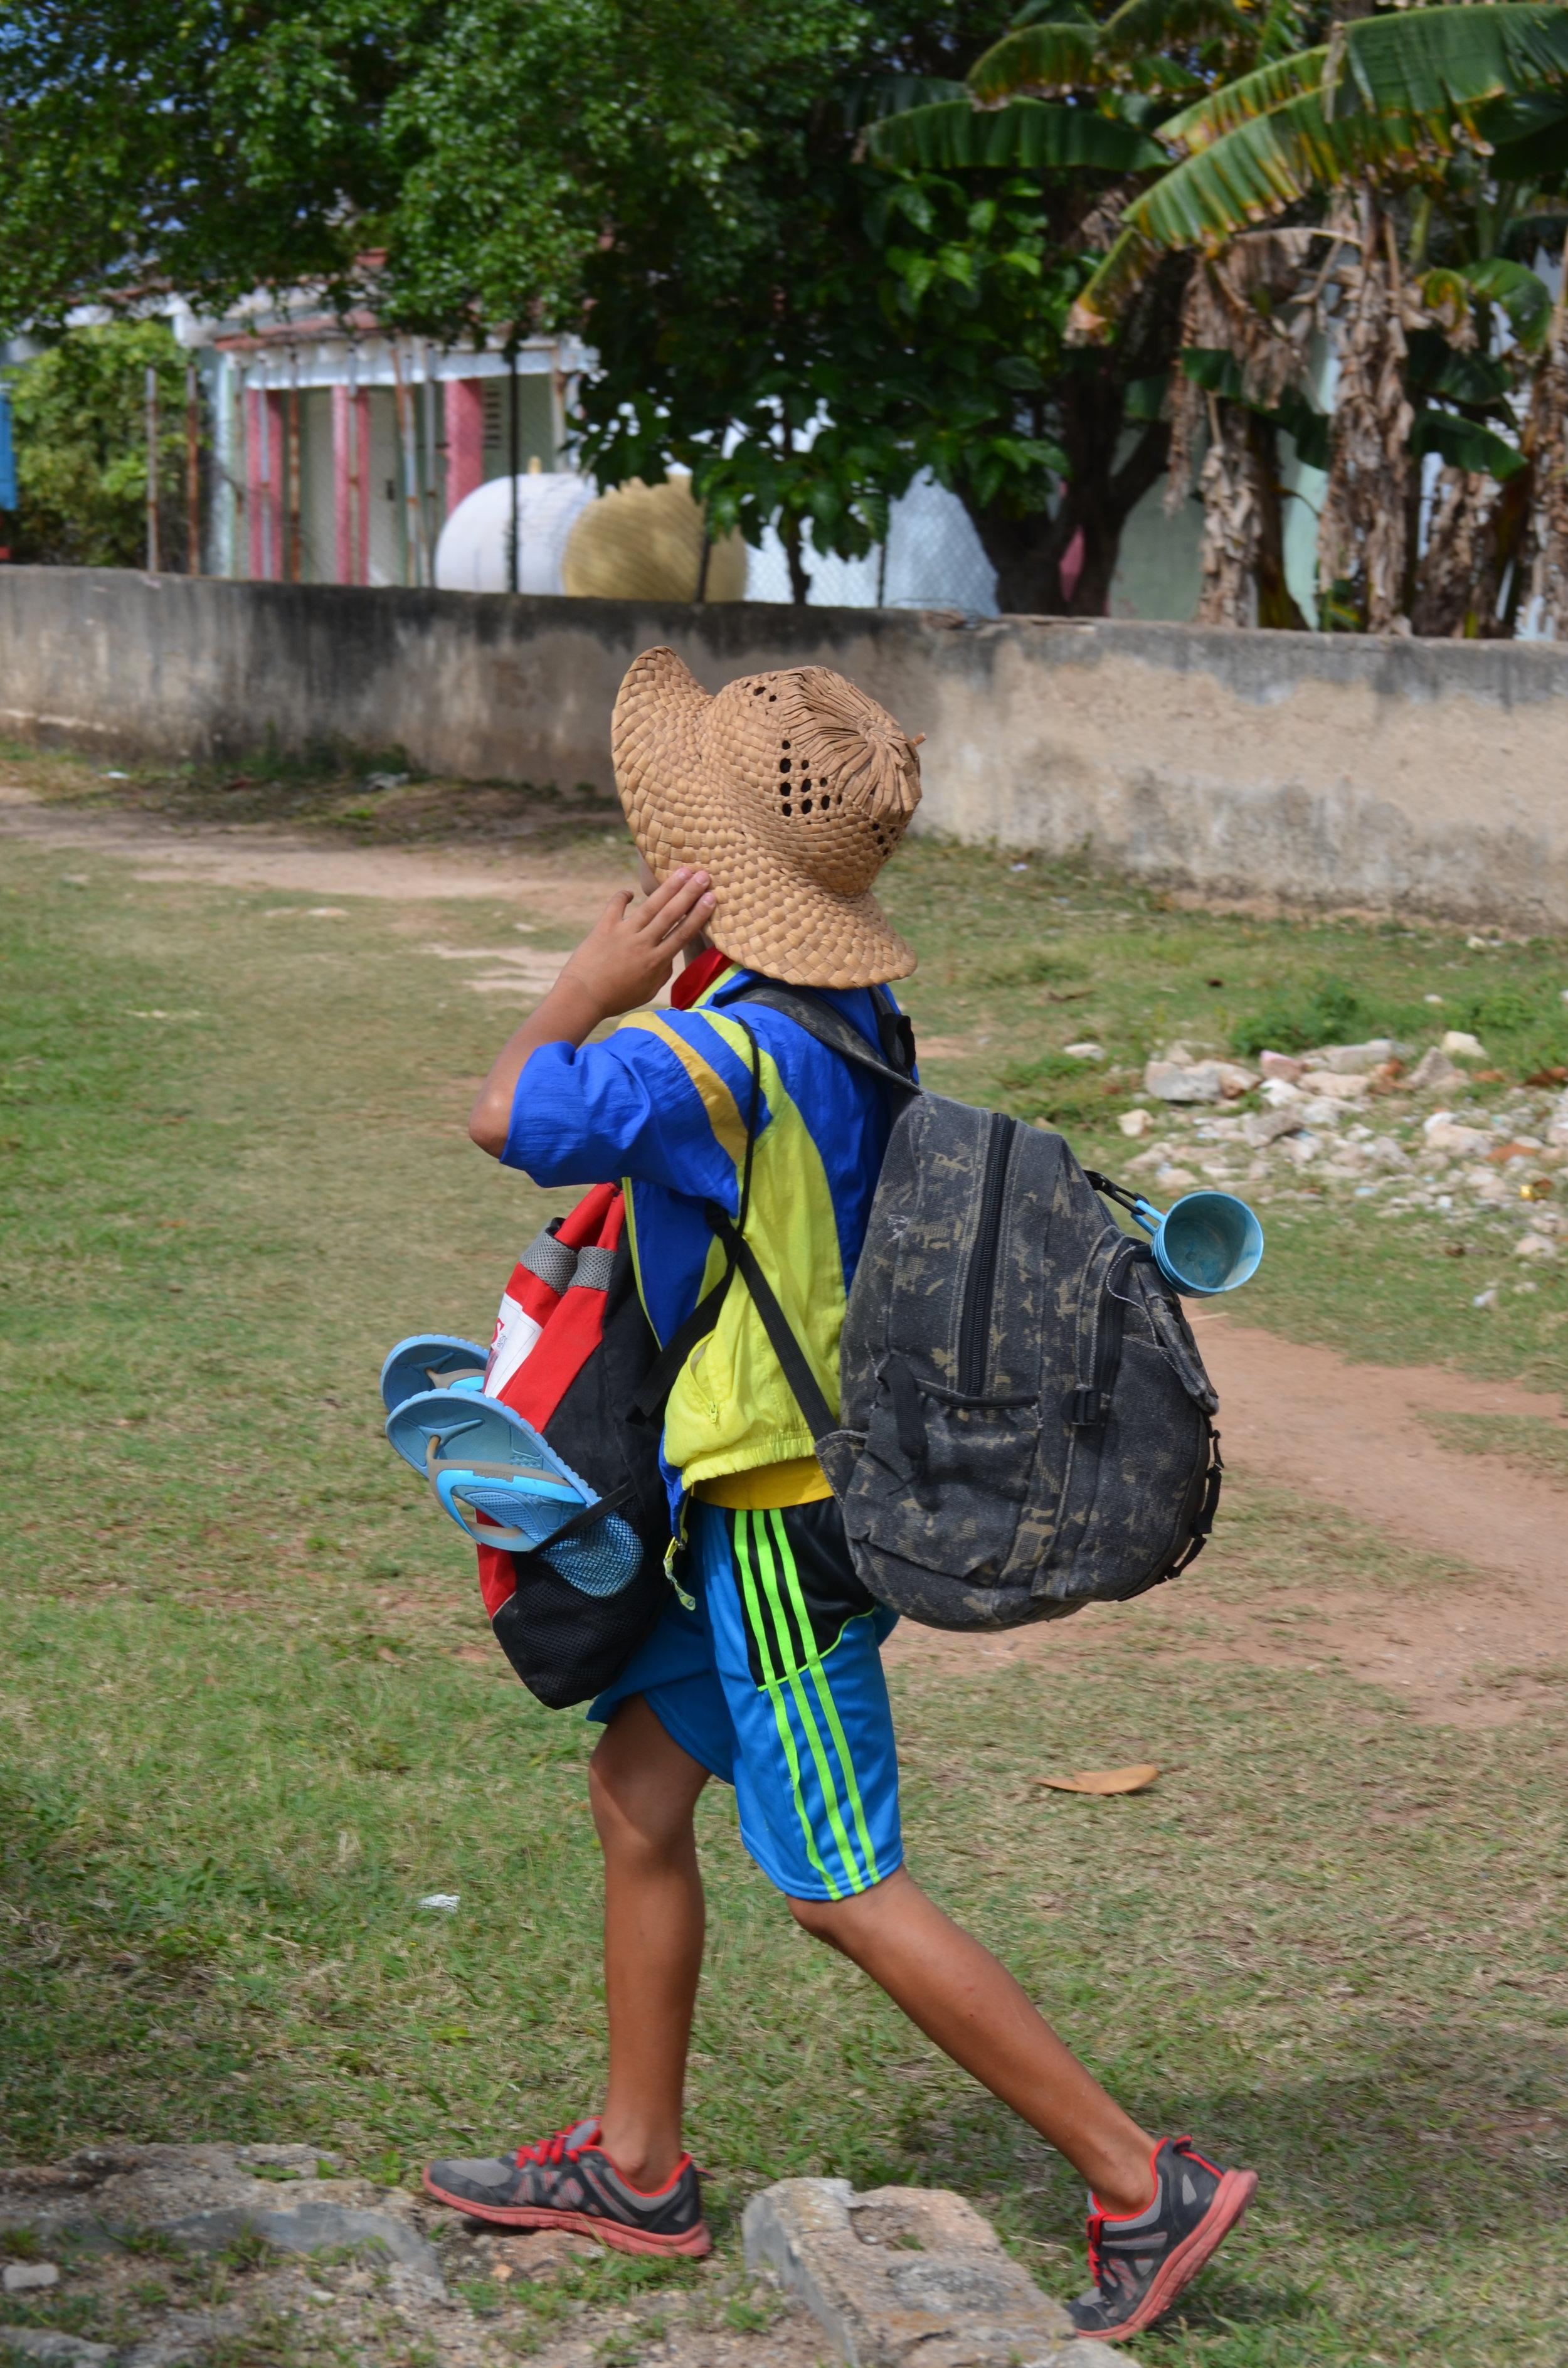 Cuba_0537.JPG